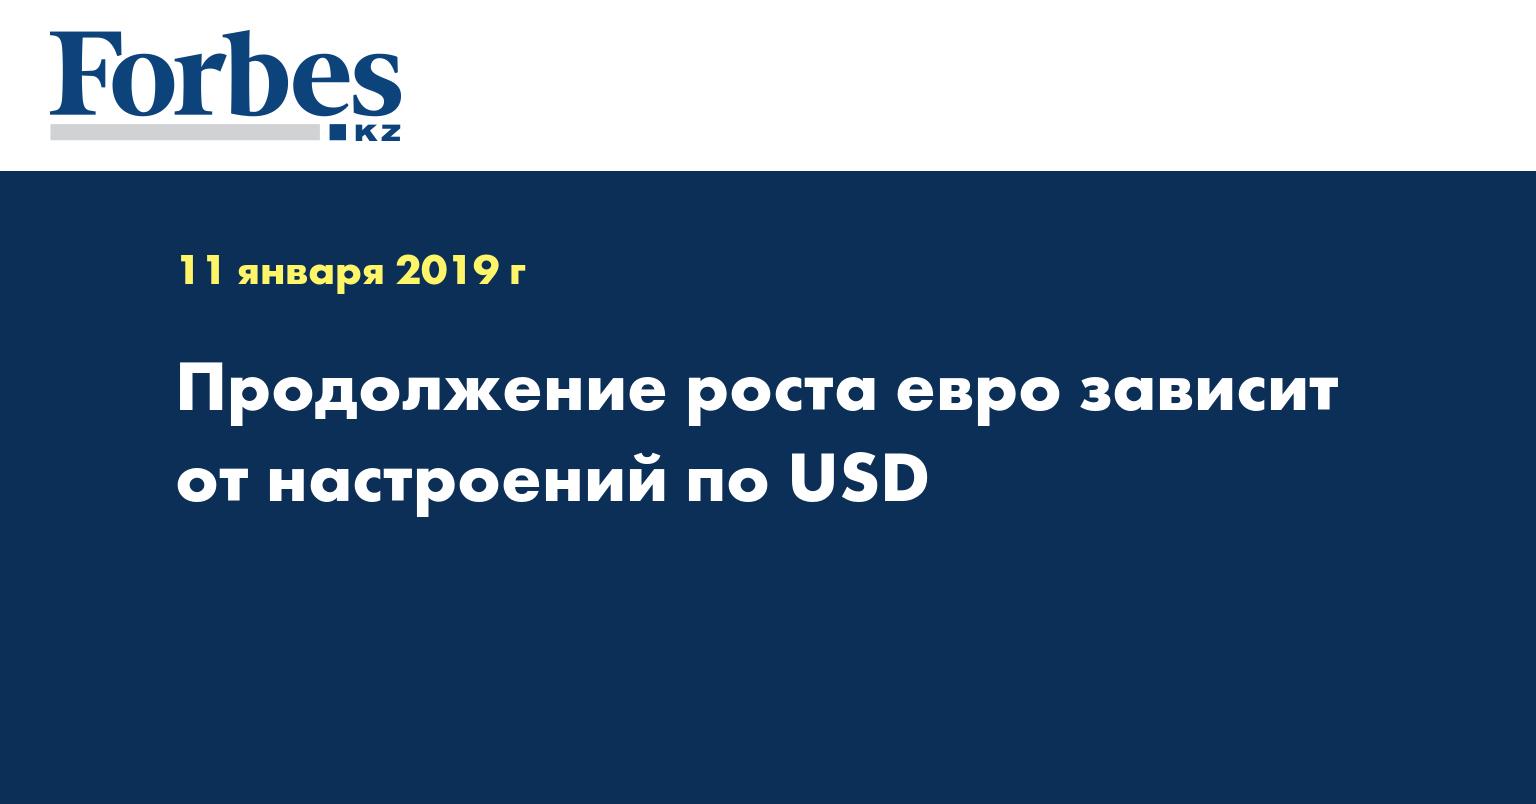 Продолжение роста евро зависит от настроений по USD